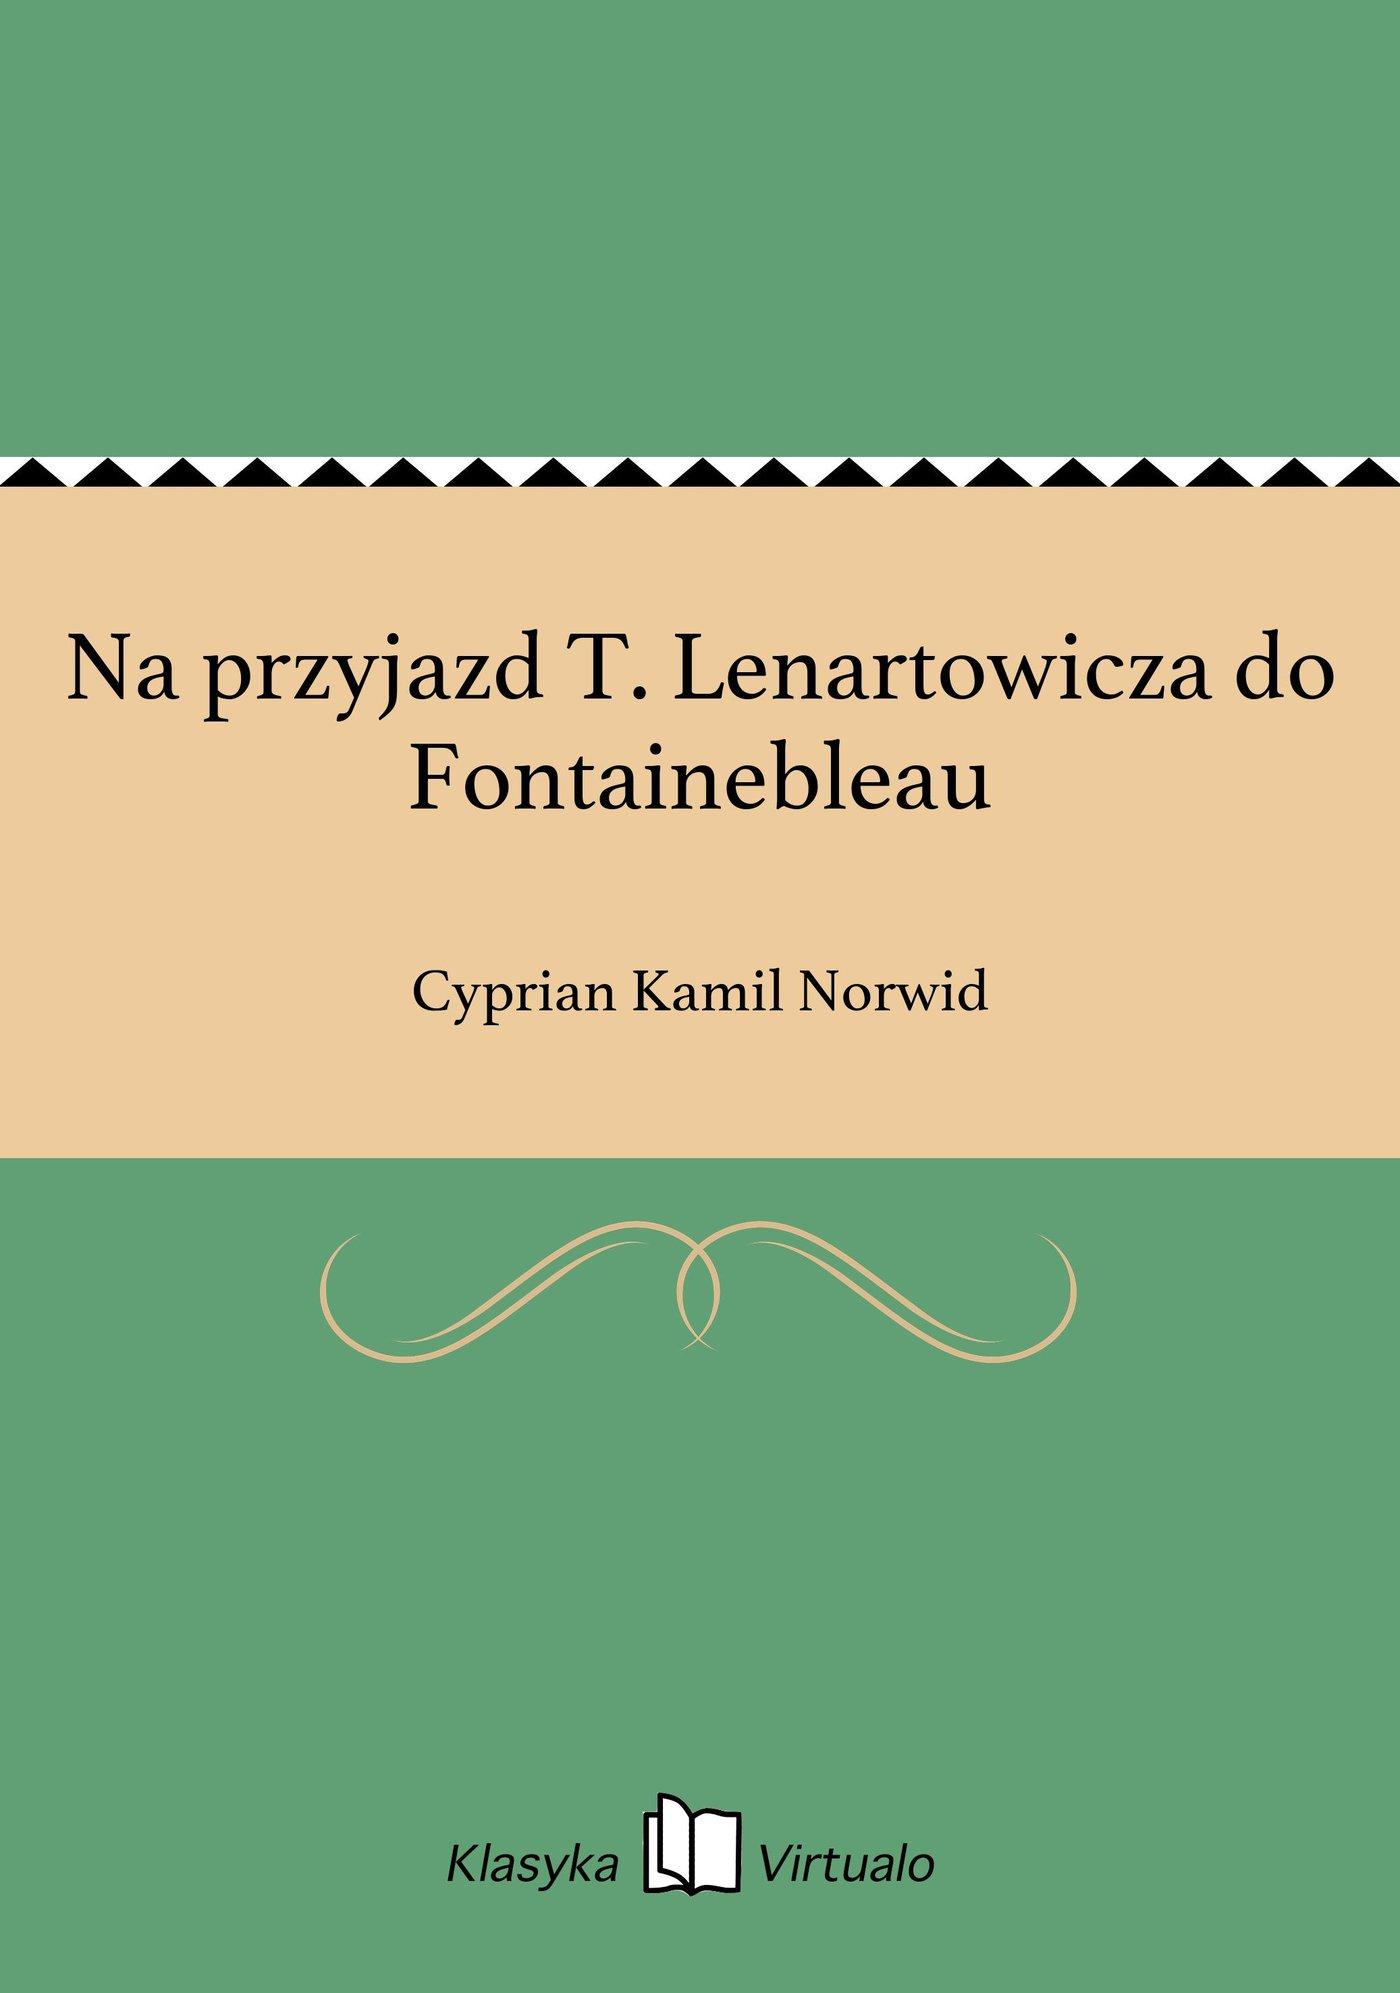 Na przyjazd T. Lenartowicza do Fontainebleau - Ebook (Książka EPUB) do pobrania w formacie EPUB